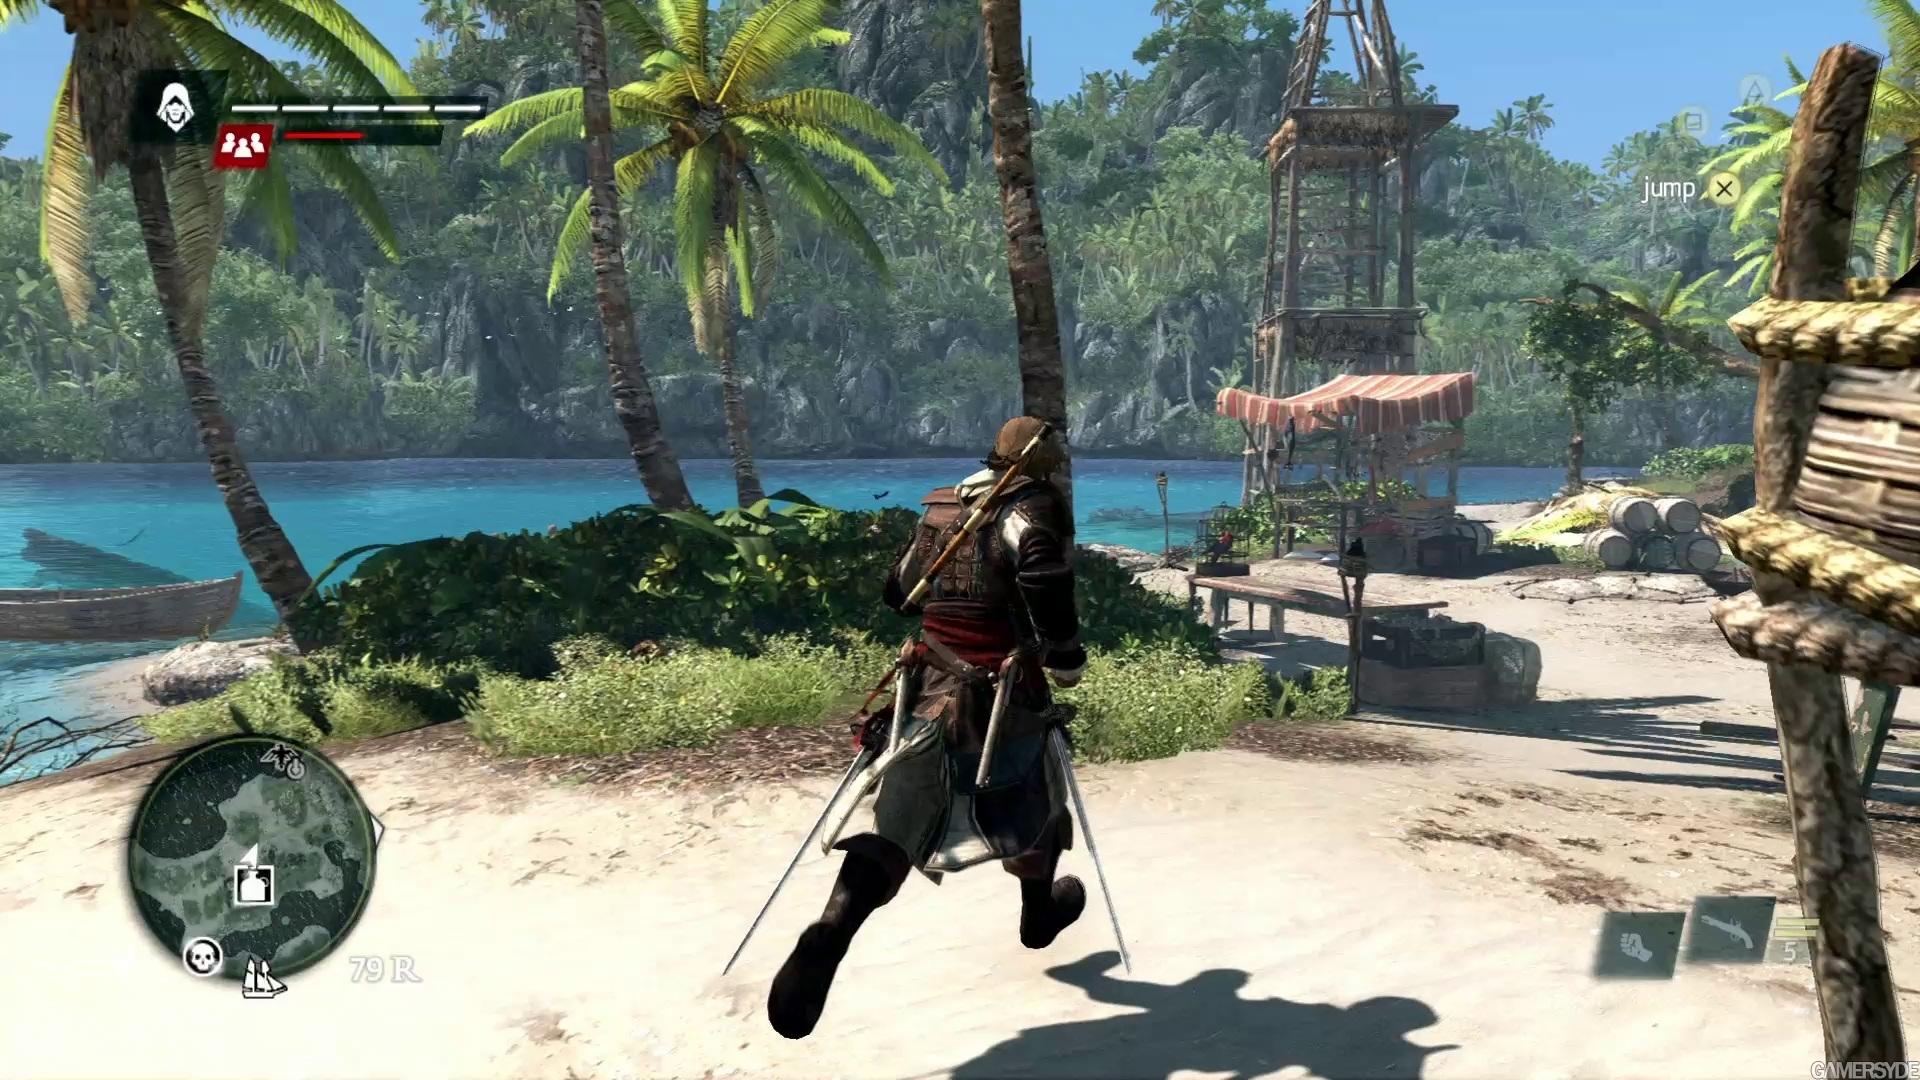 image   23118 1 0005 با تصاویر جدید Assassins Creed IV، شکار کوسه، پیدا کردن گنج ها در زیر آب و بیشتر را ببینید